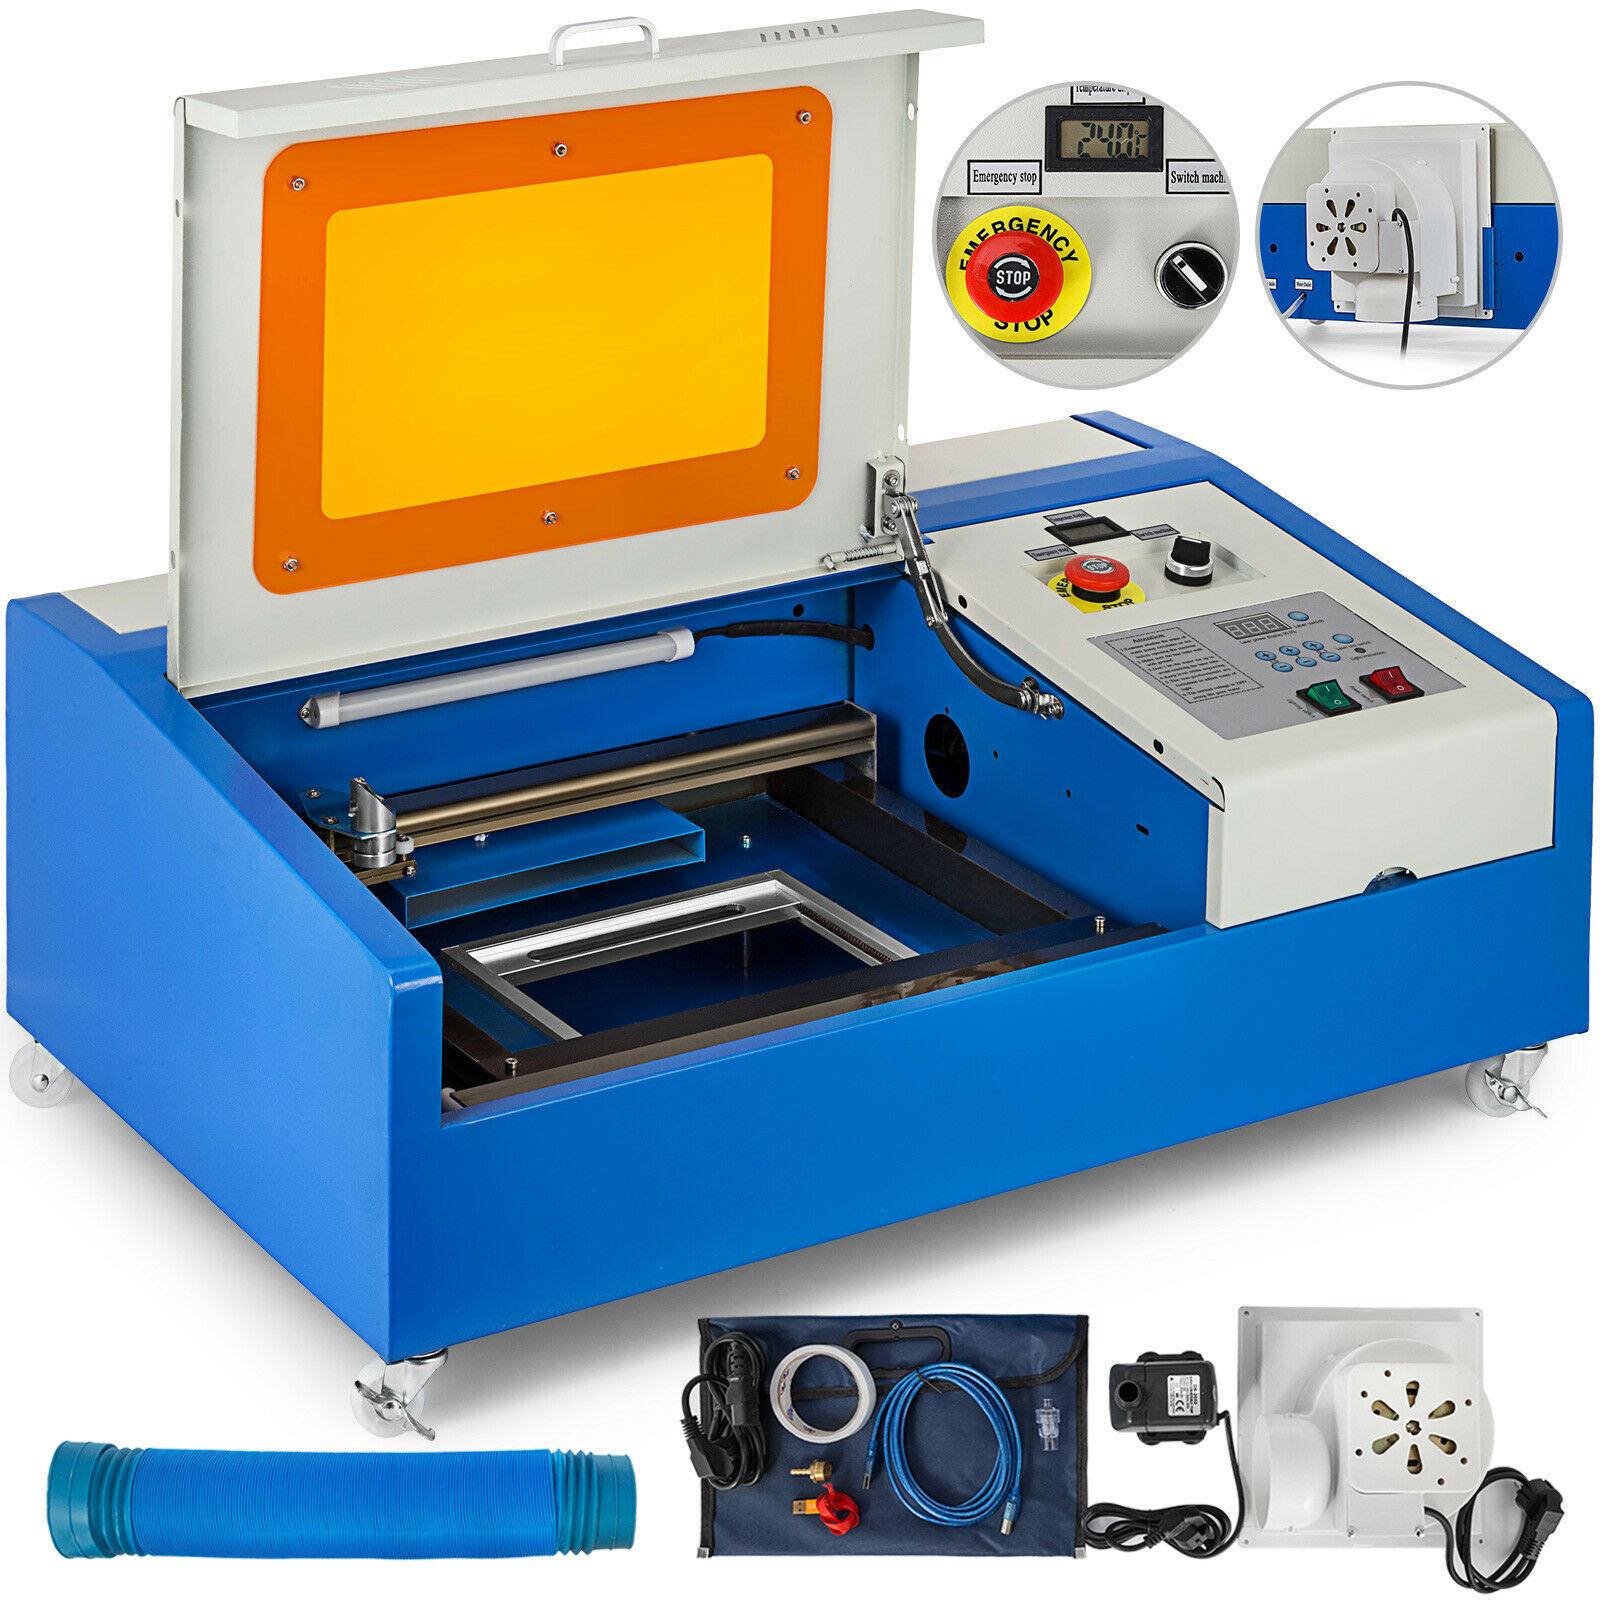 40 Вт CO2 лазерный гравировальный станок лазерный гравер с USB портом и цифровым дисплеем 220 В/110 В